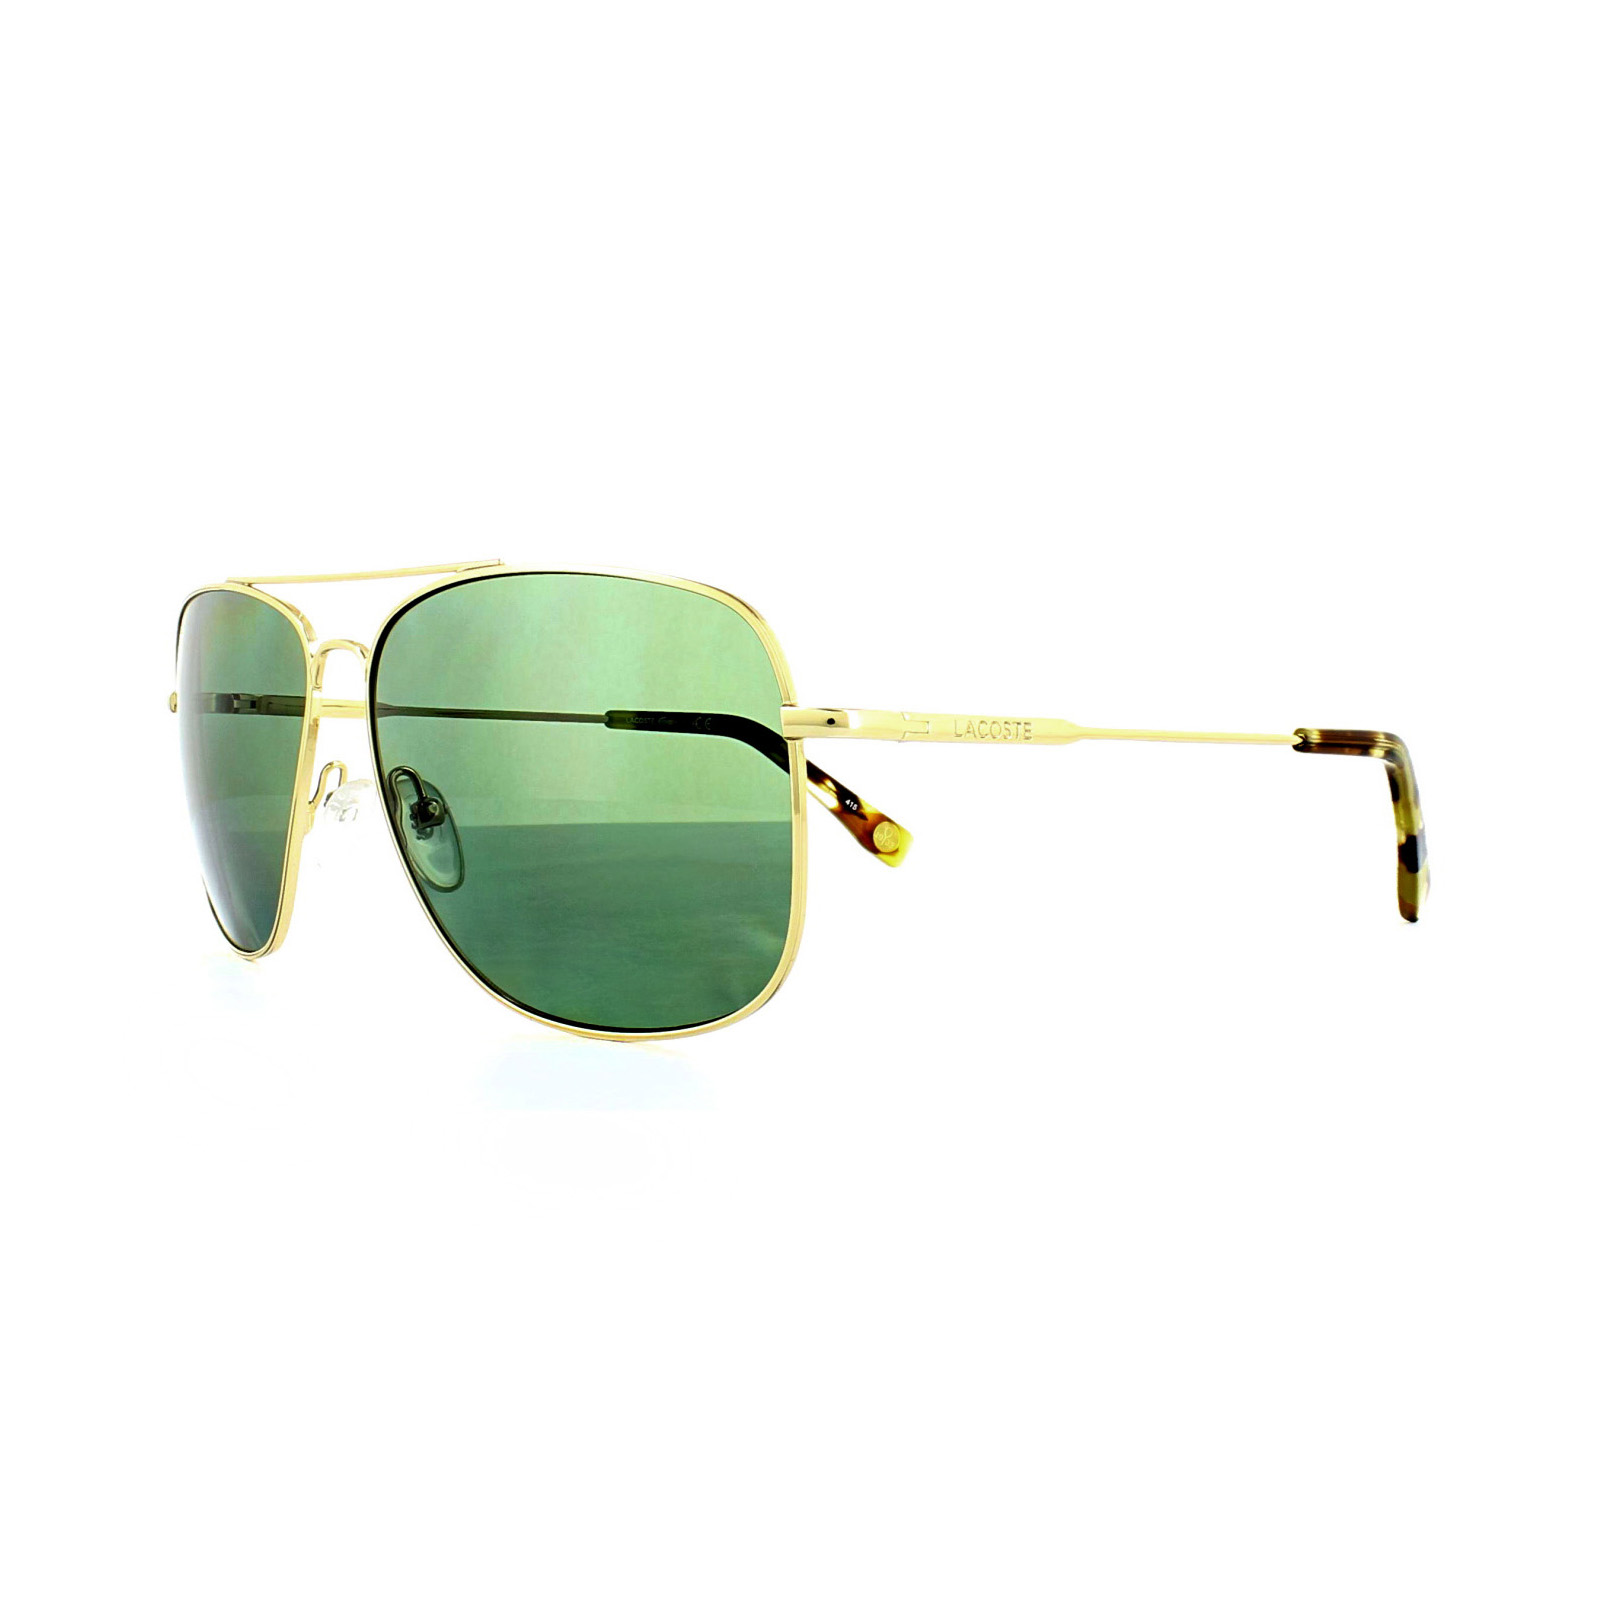 b29487b329 Are Lacoste Non Prescription Glasses Polarised